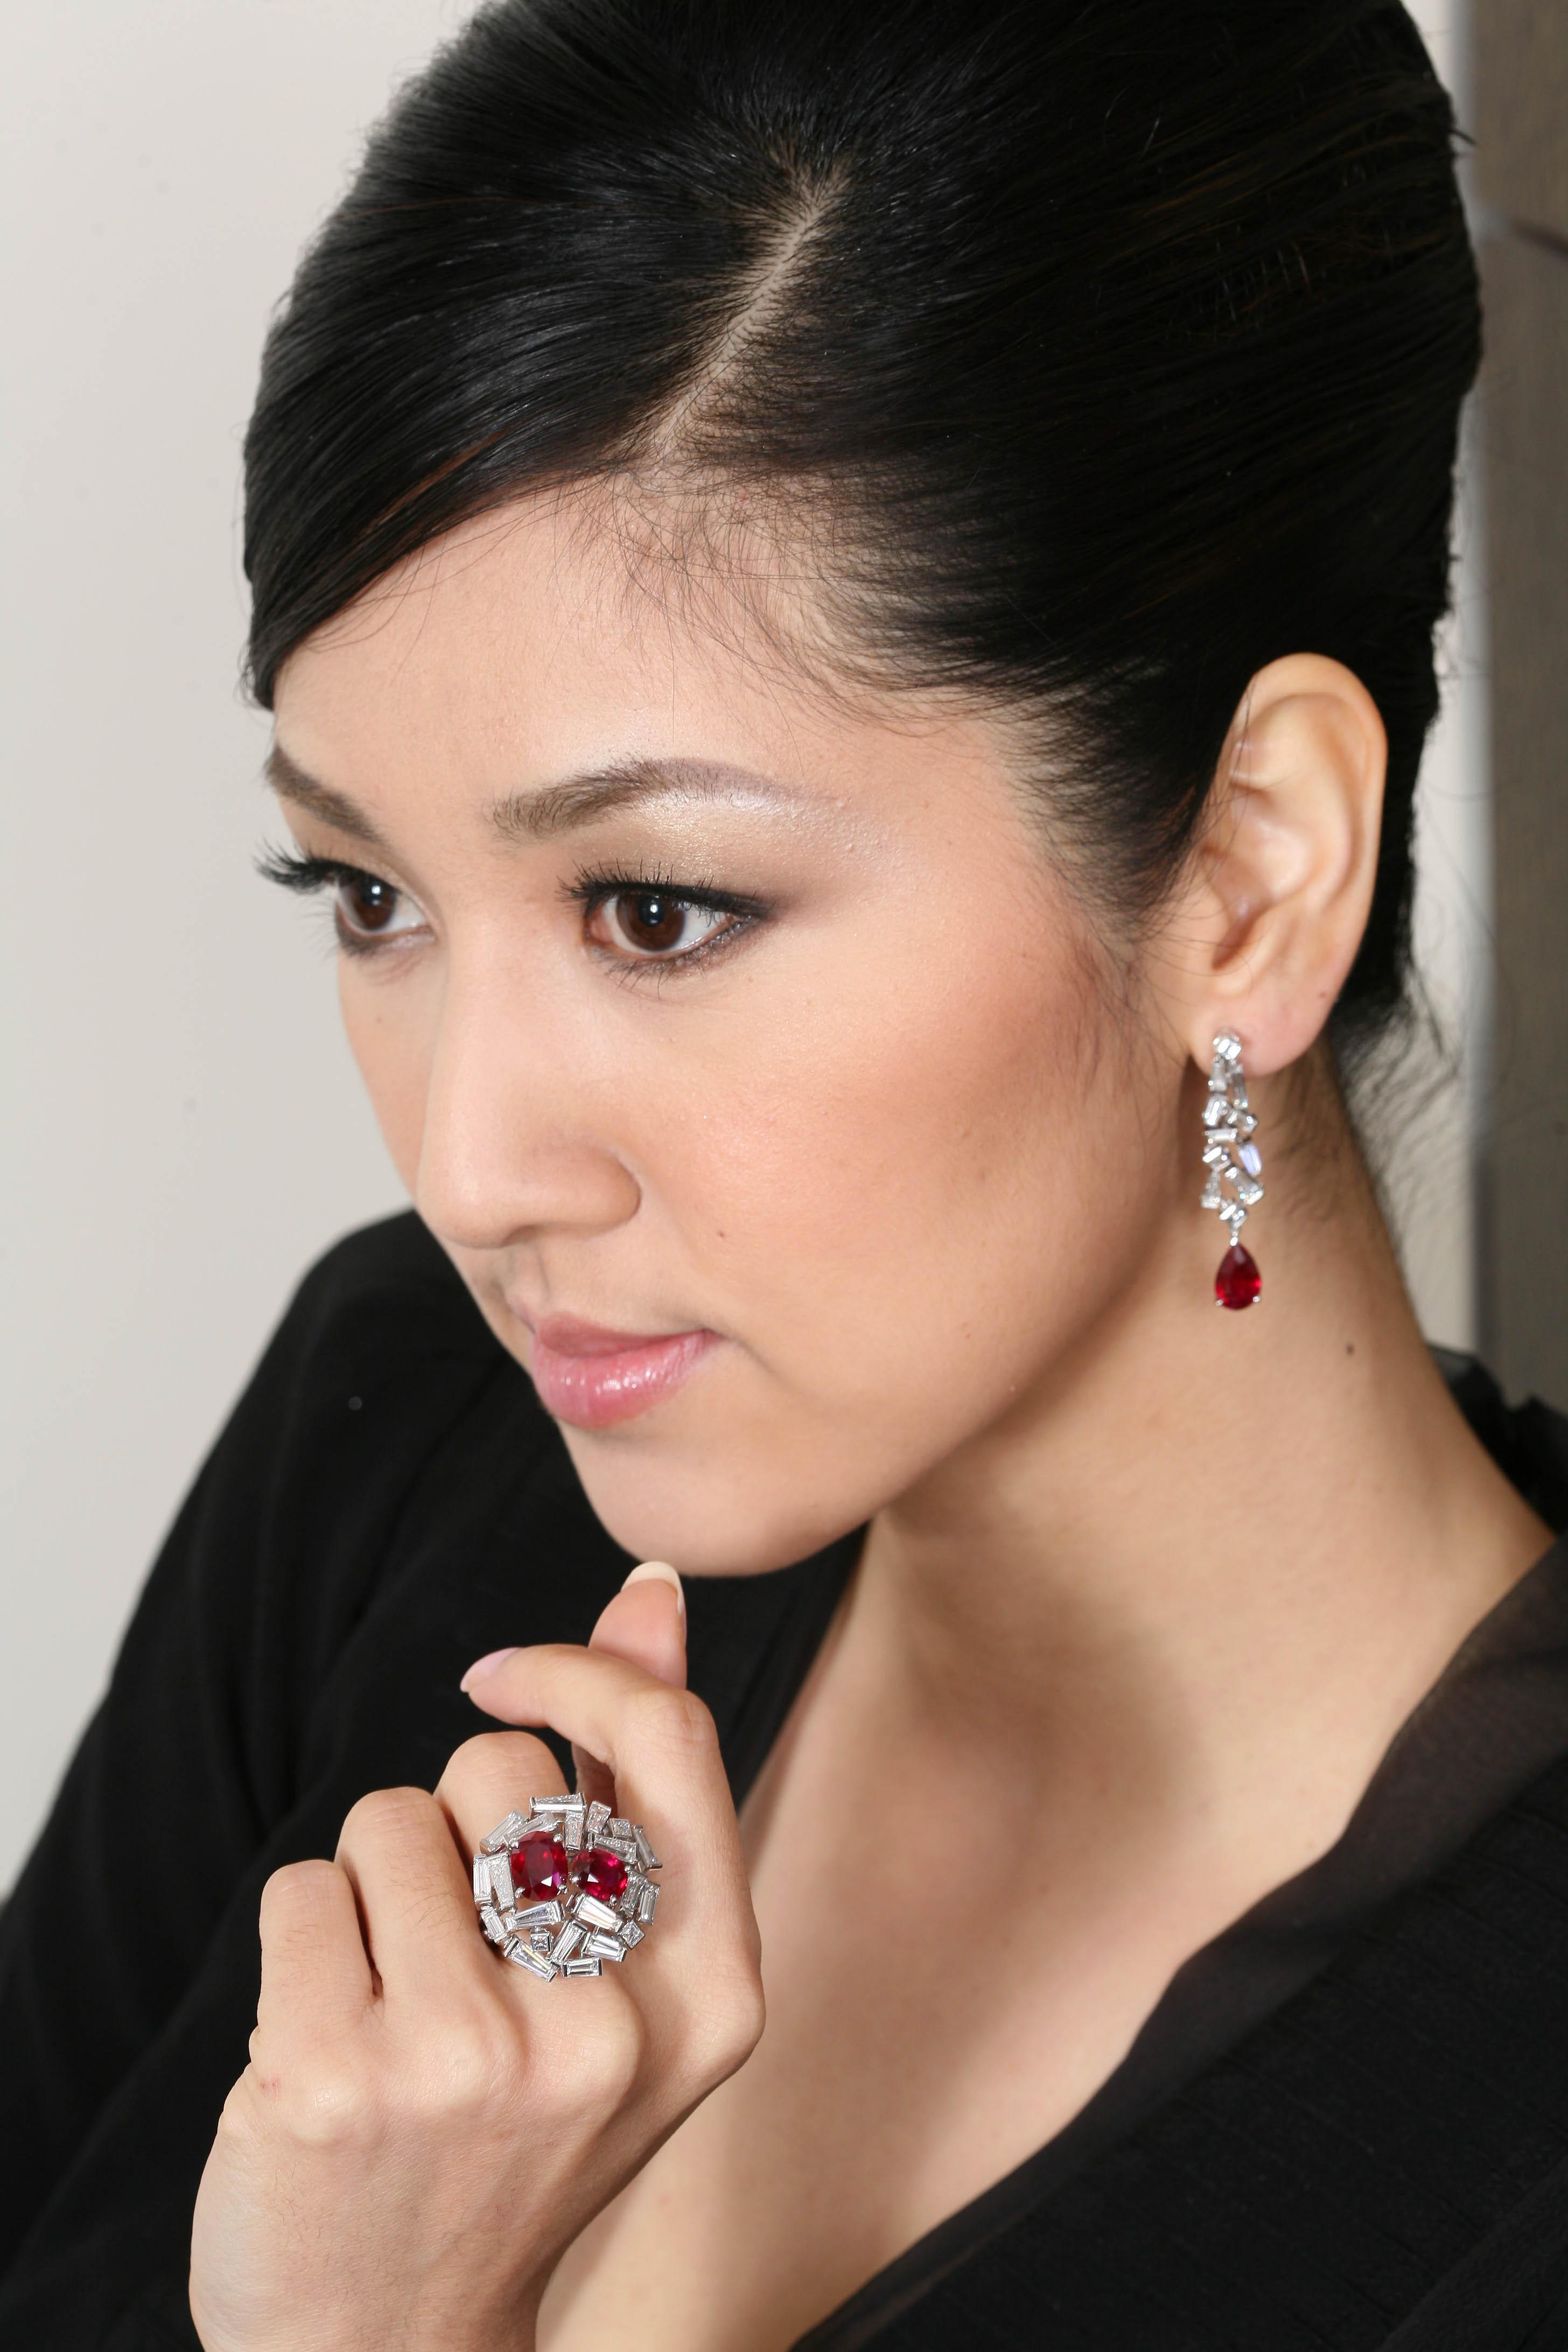 「愛之巢Love Nest」鑽石紅寶石戒指  紅寶石,共4.18克拉,57顆狹長型切割鑽石,共6.21克拉。     「愛之巢...